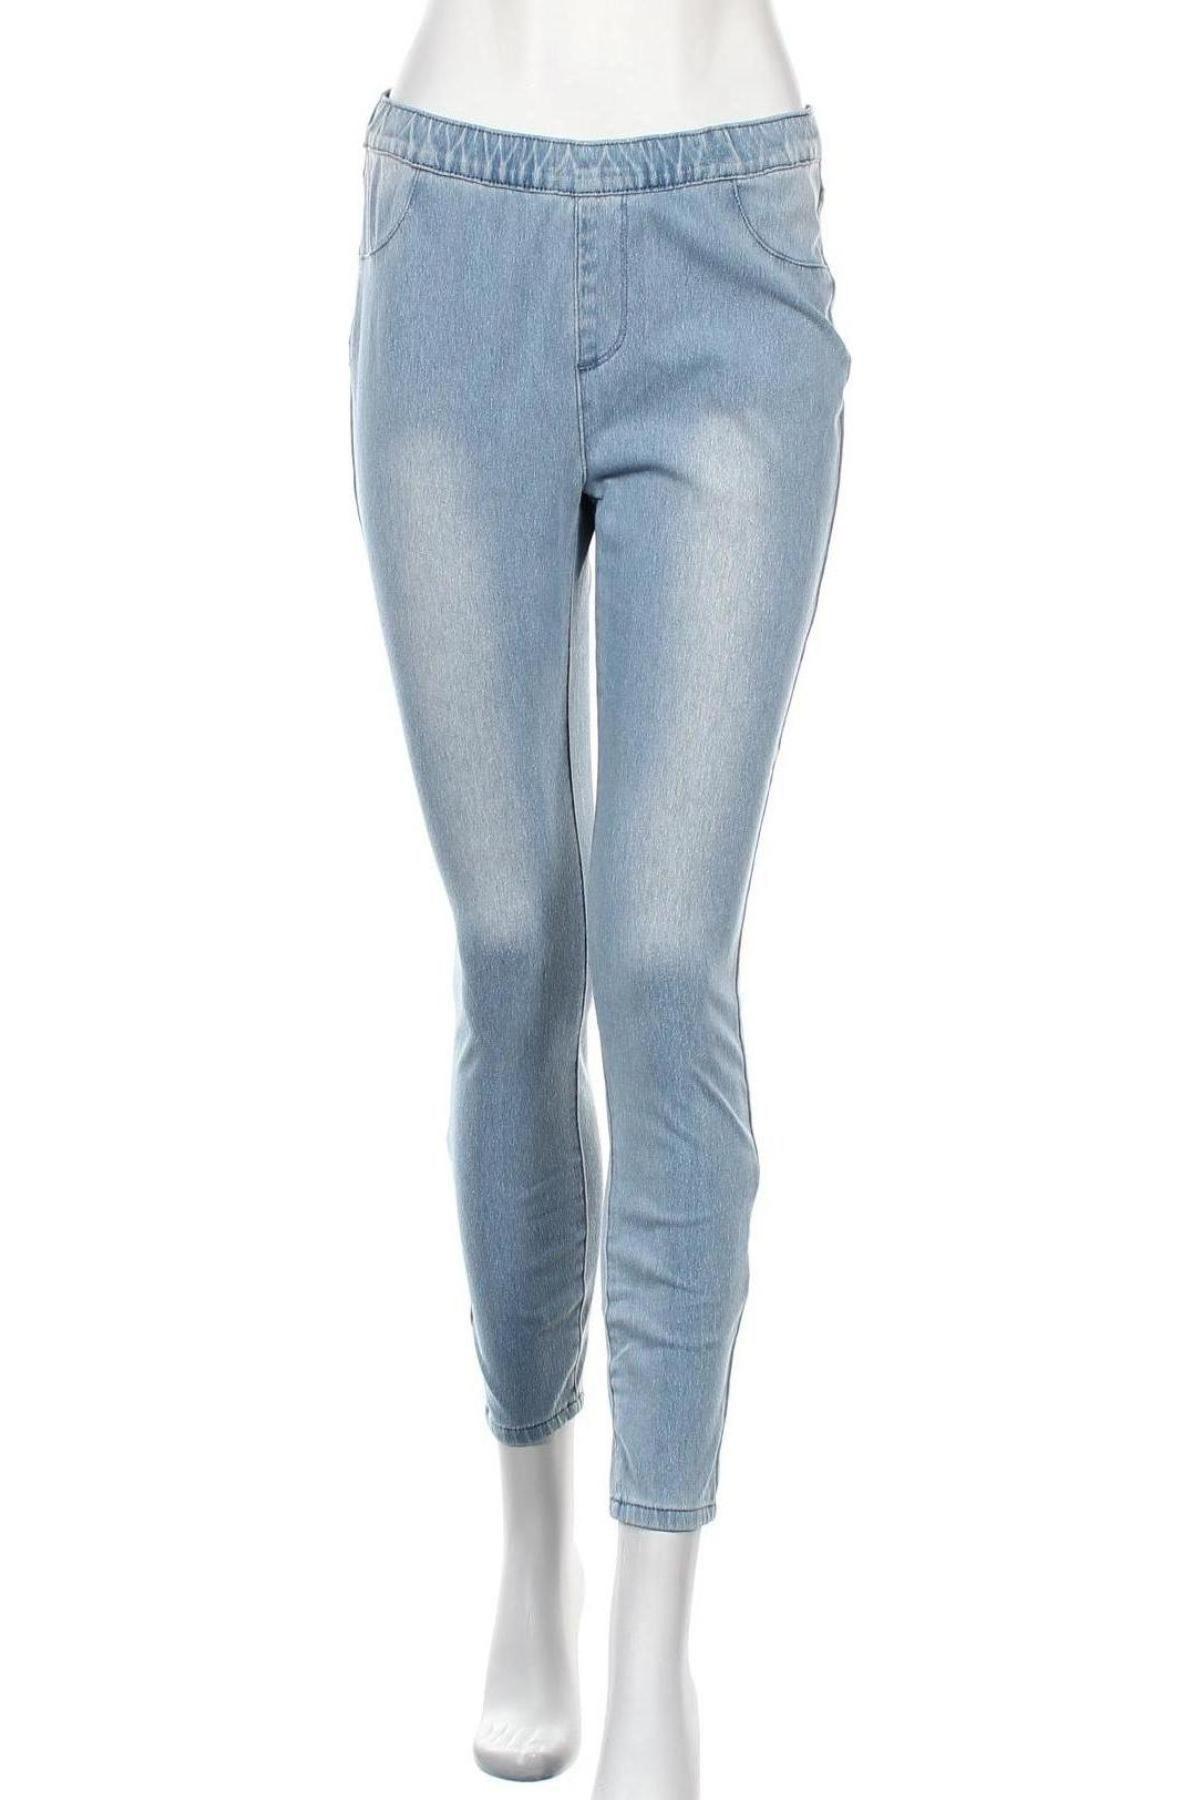 Дамски дънки Arizona, Размер M, Цвят Син, 62% памук, 28% полиестер, 10% еластан, Цена 29,68лв.